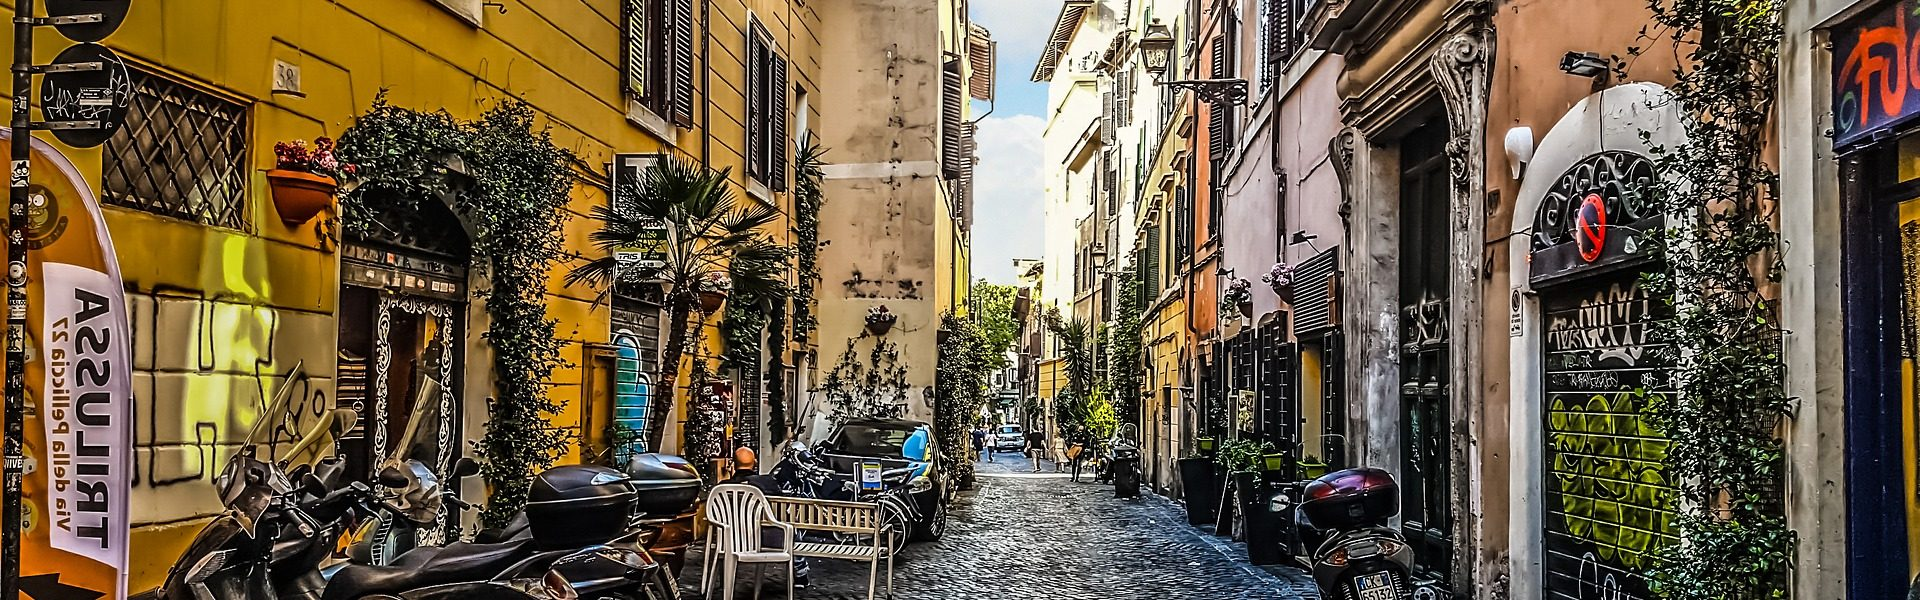 rome-picturesque